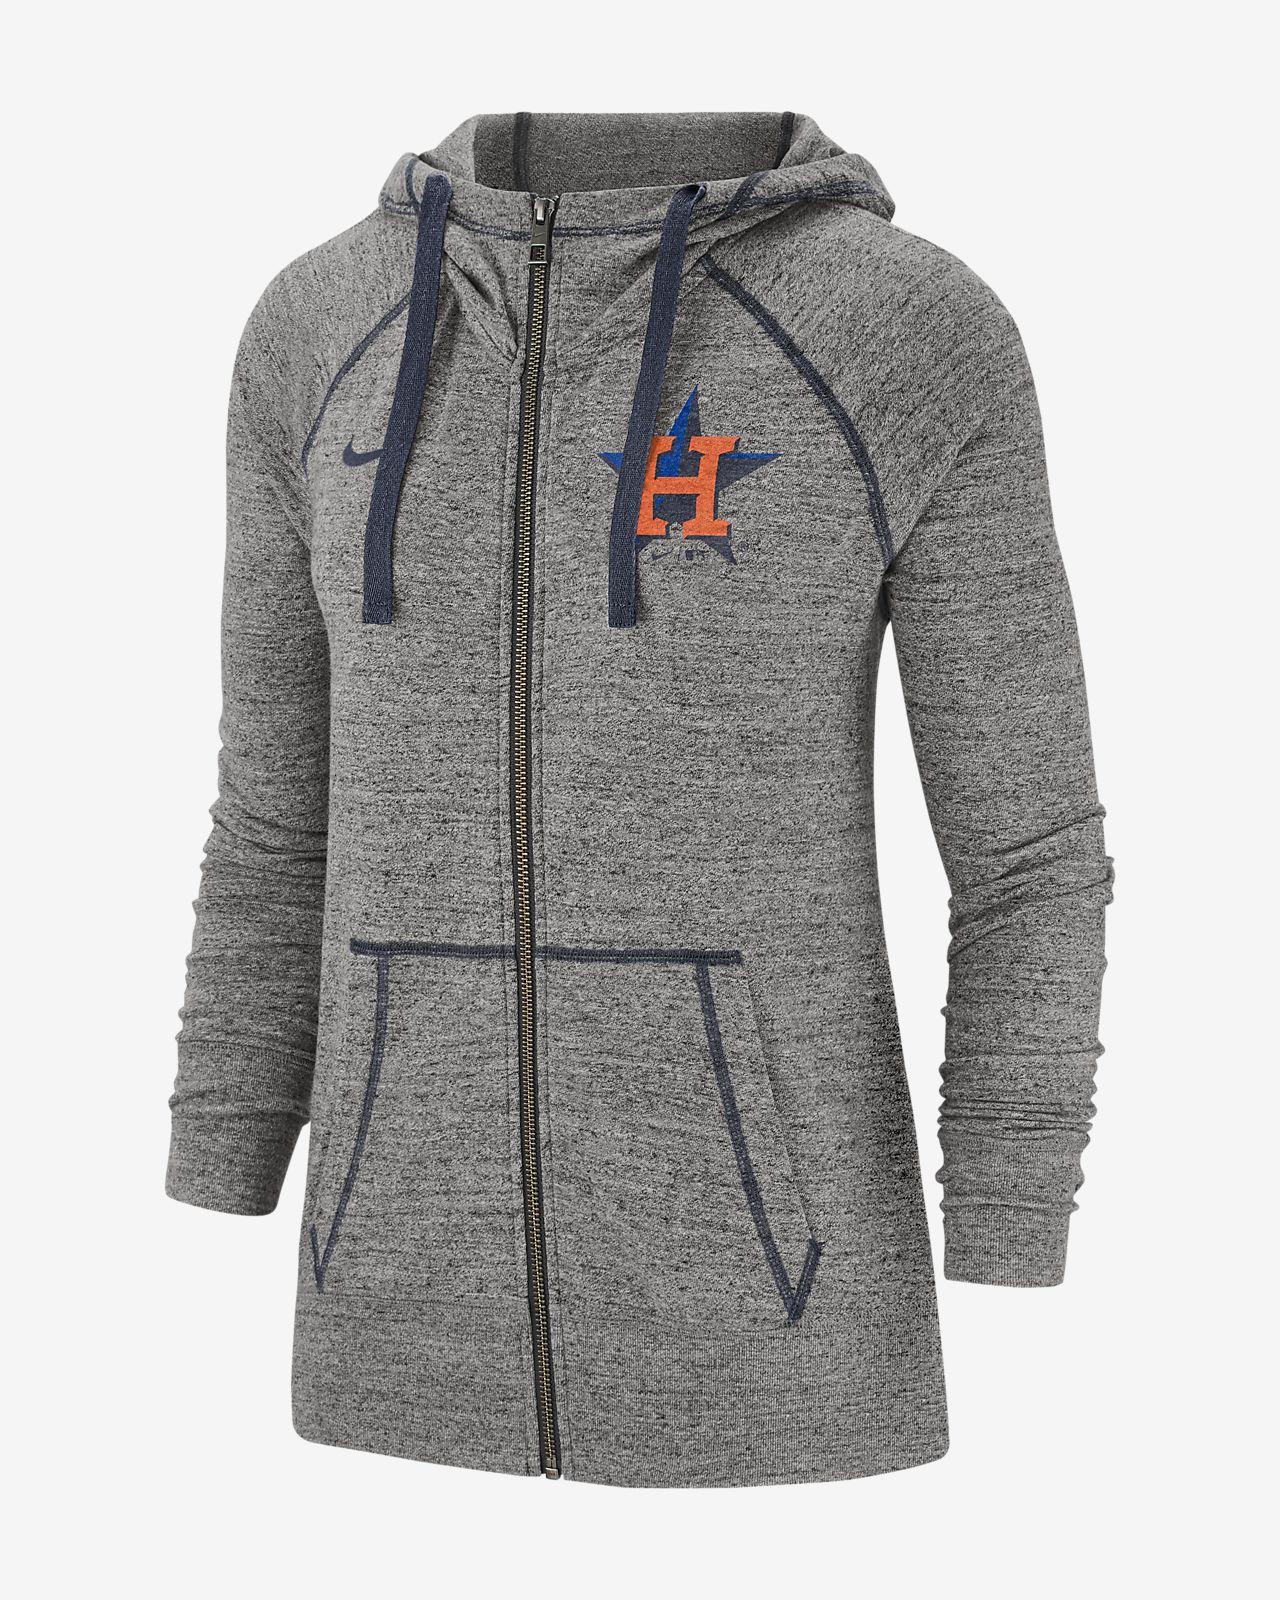 Nike Gym Vintage (MLB Astros) Women's Full-Zip Hoodie